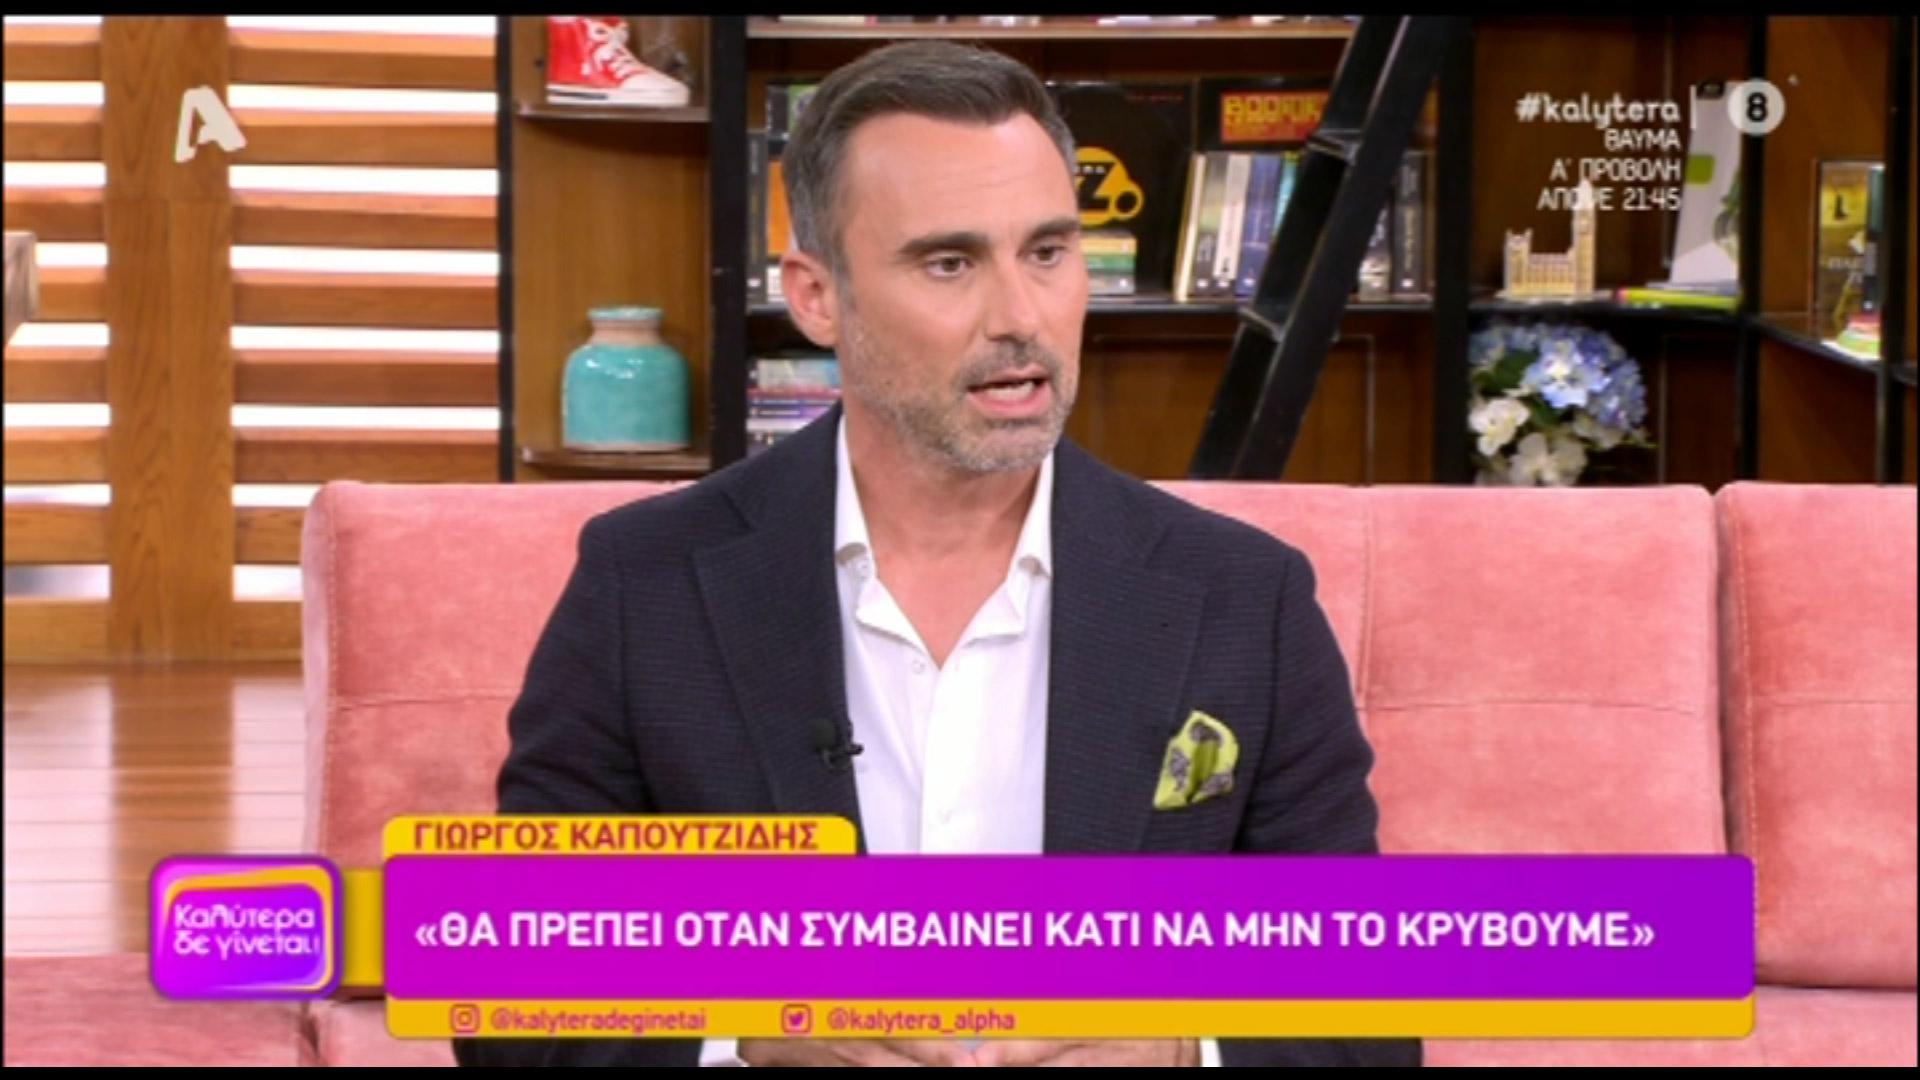 """Γιώργος Καπουτζίδης: """"Ζήτησα συγγνώμη από τα κορίτσια, έκανα ότι δεν γνωρίζω για την παρενόχληση"""""""